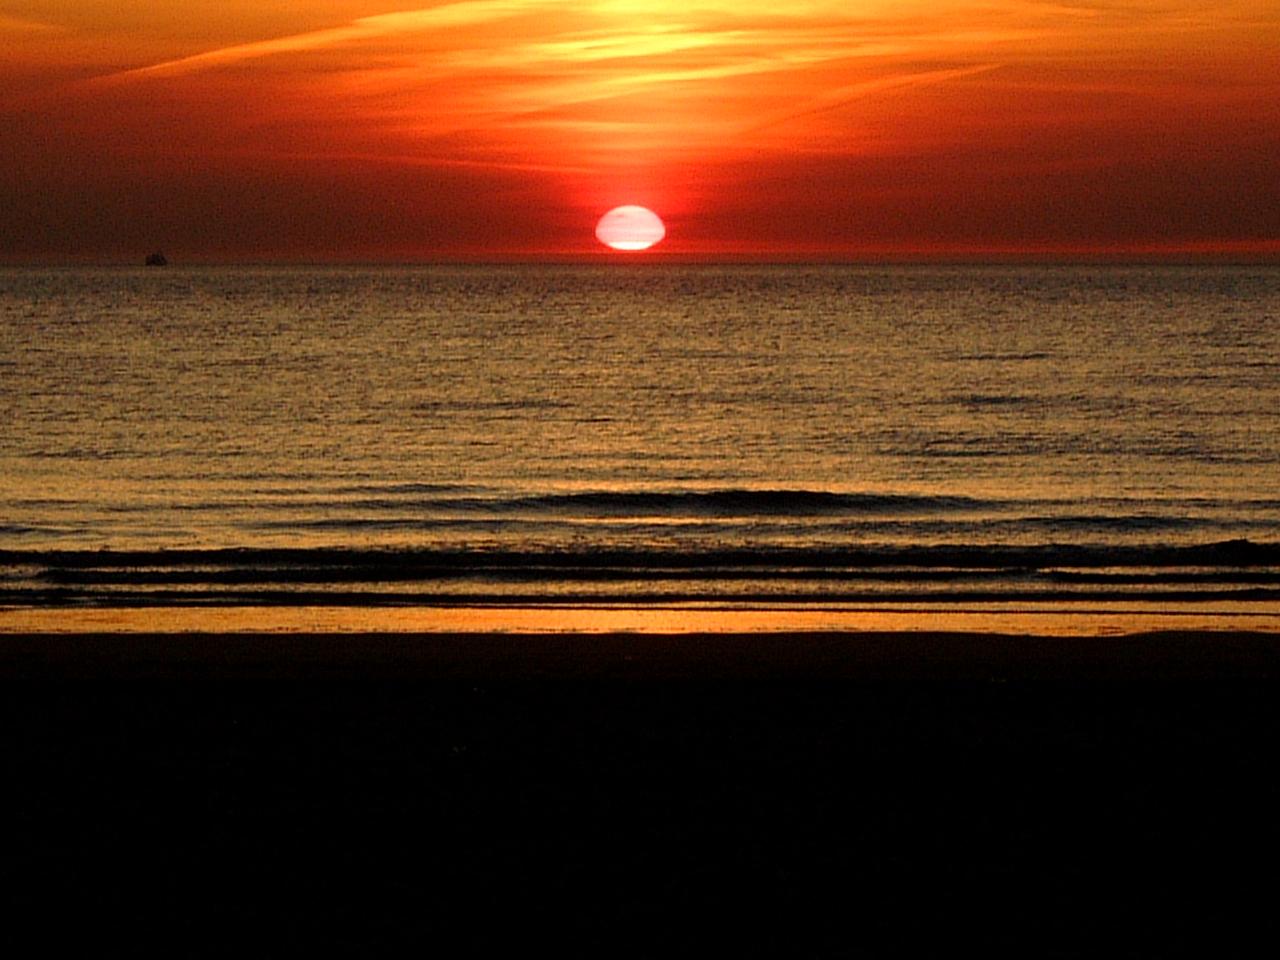 beach sunrise tumblr hd - photo #38